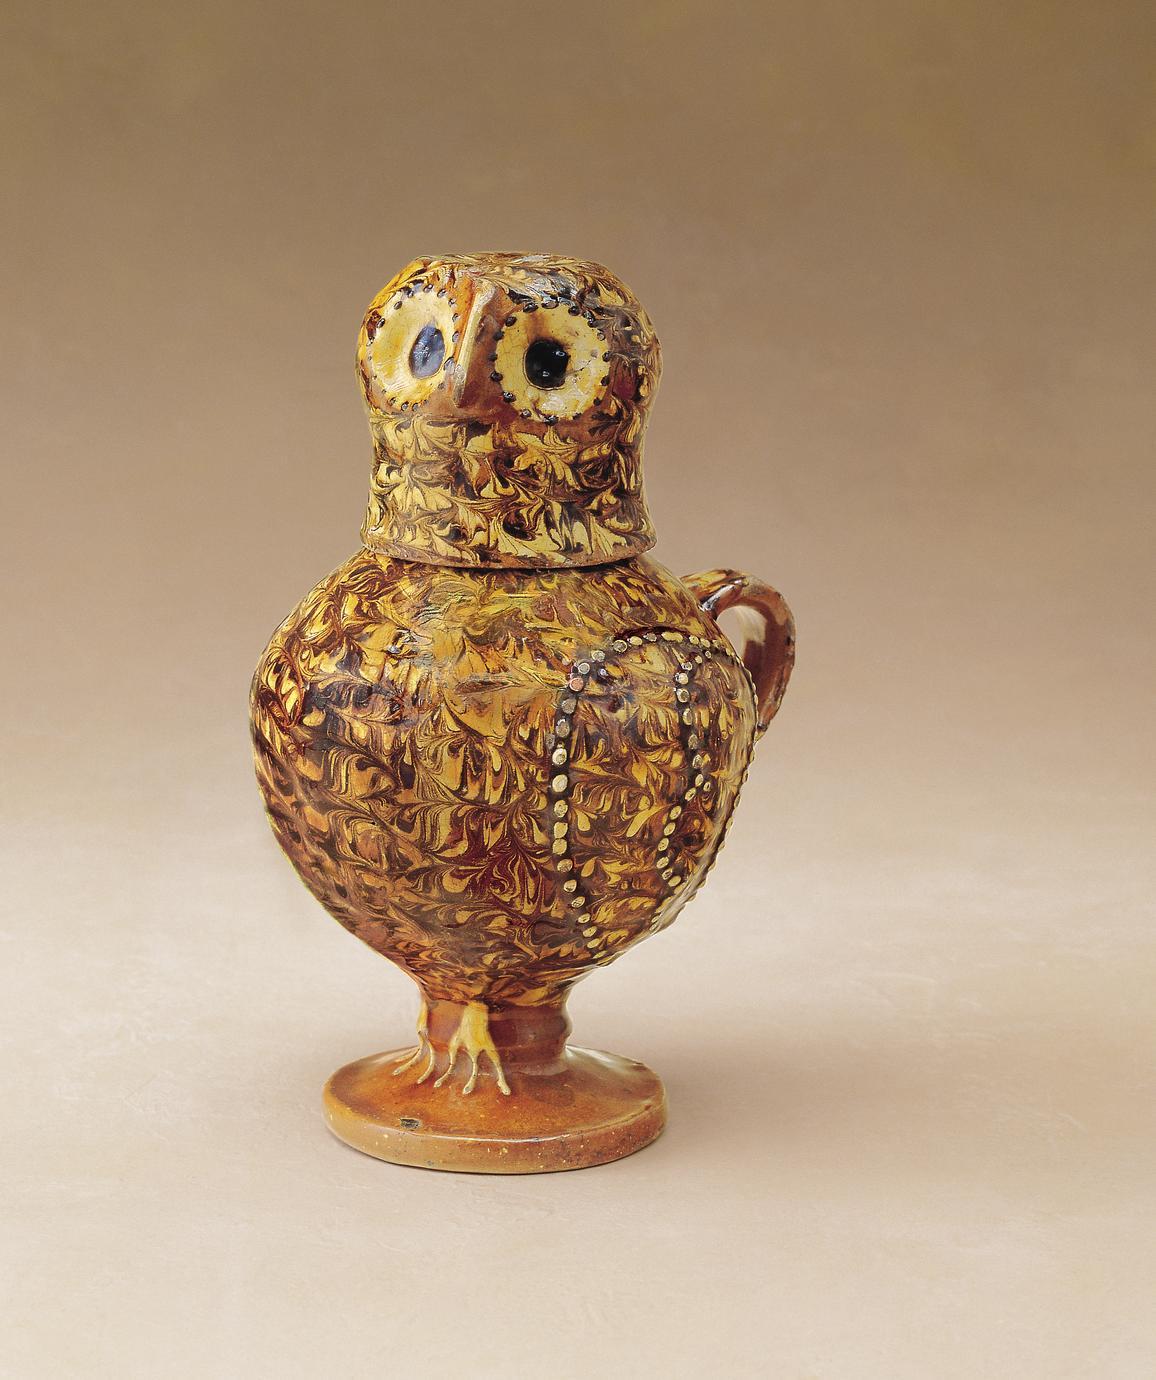 Owl jug (1 of 2)